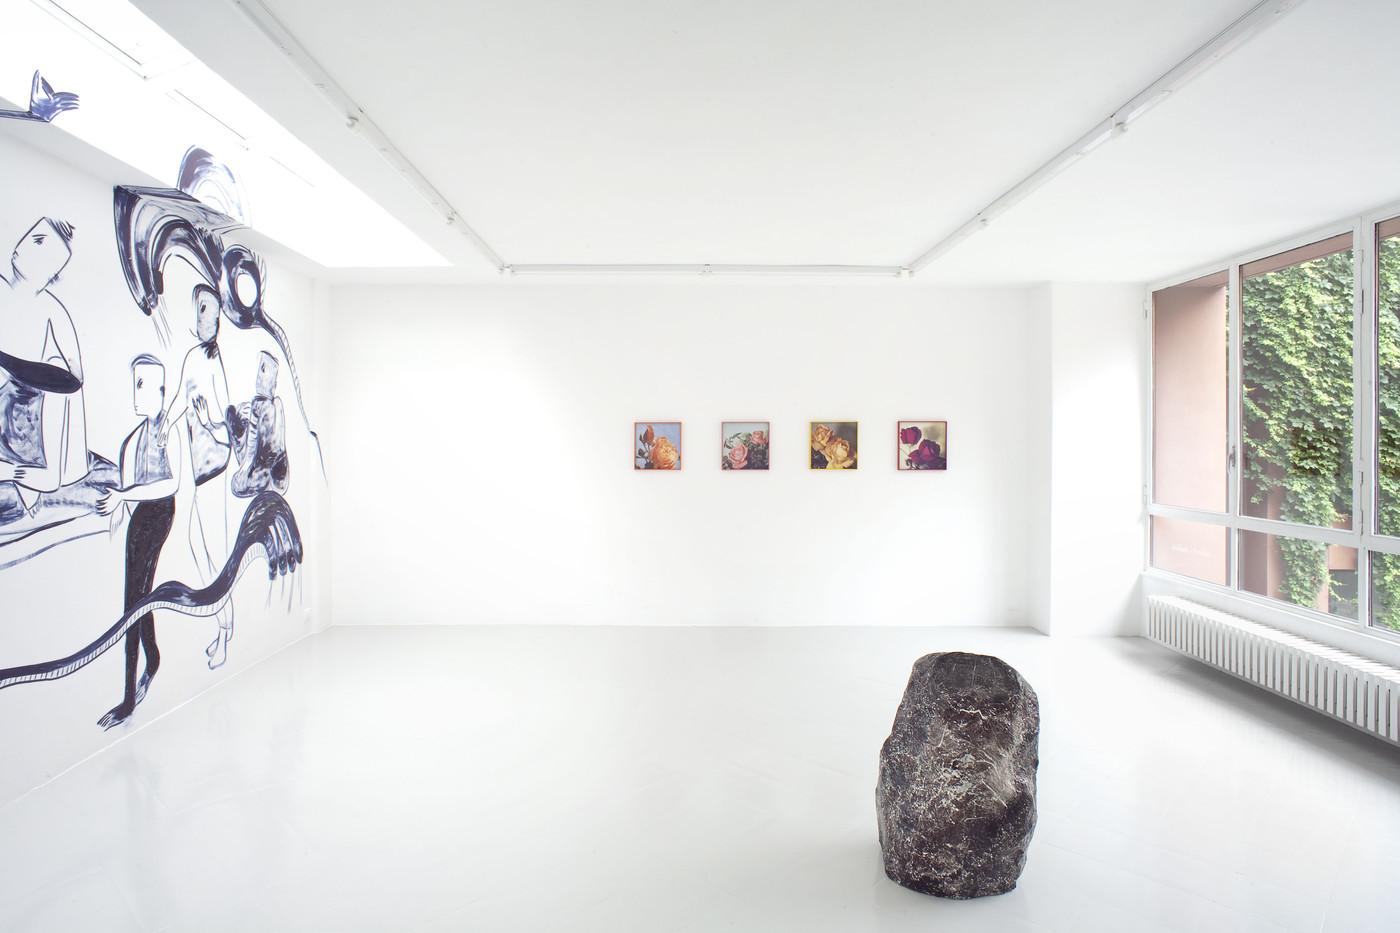 4 - Melike Kara, Talisa Lallai, Lindsay Lawson, Installation View, 2016 - Courtesy Studiolo, Milan